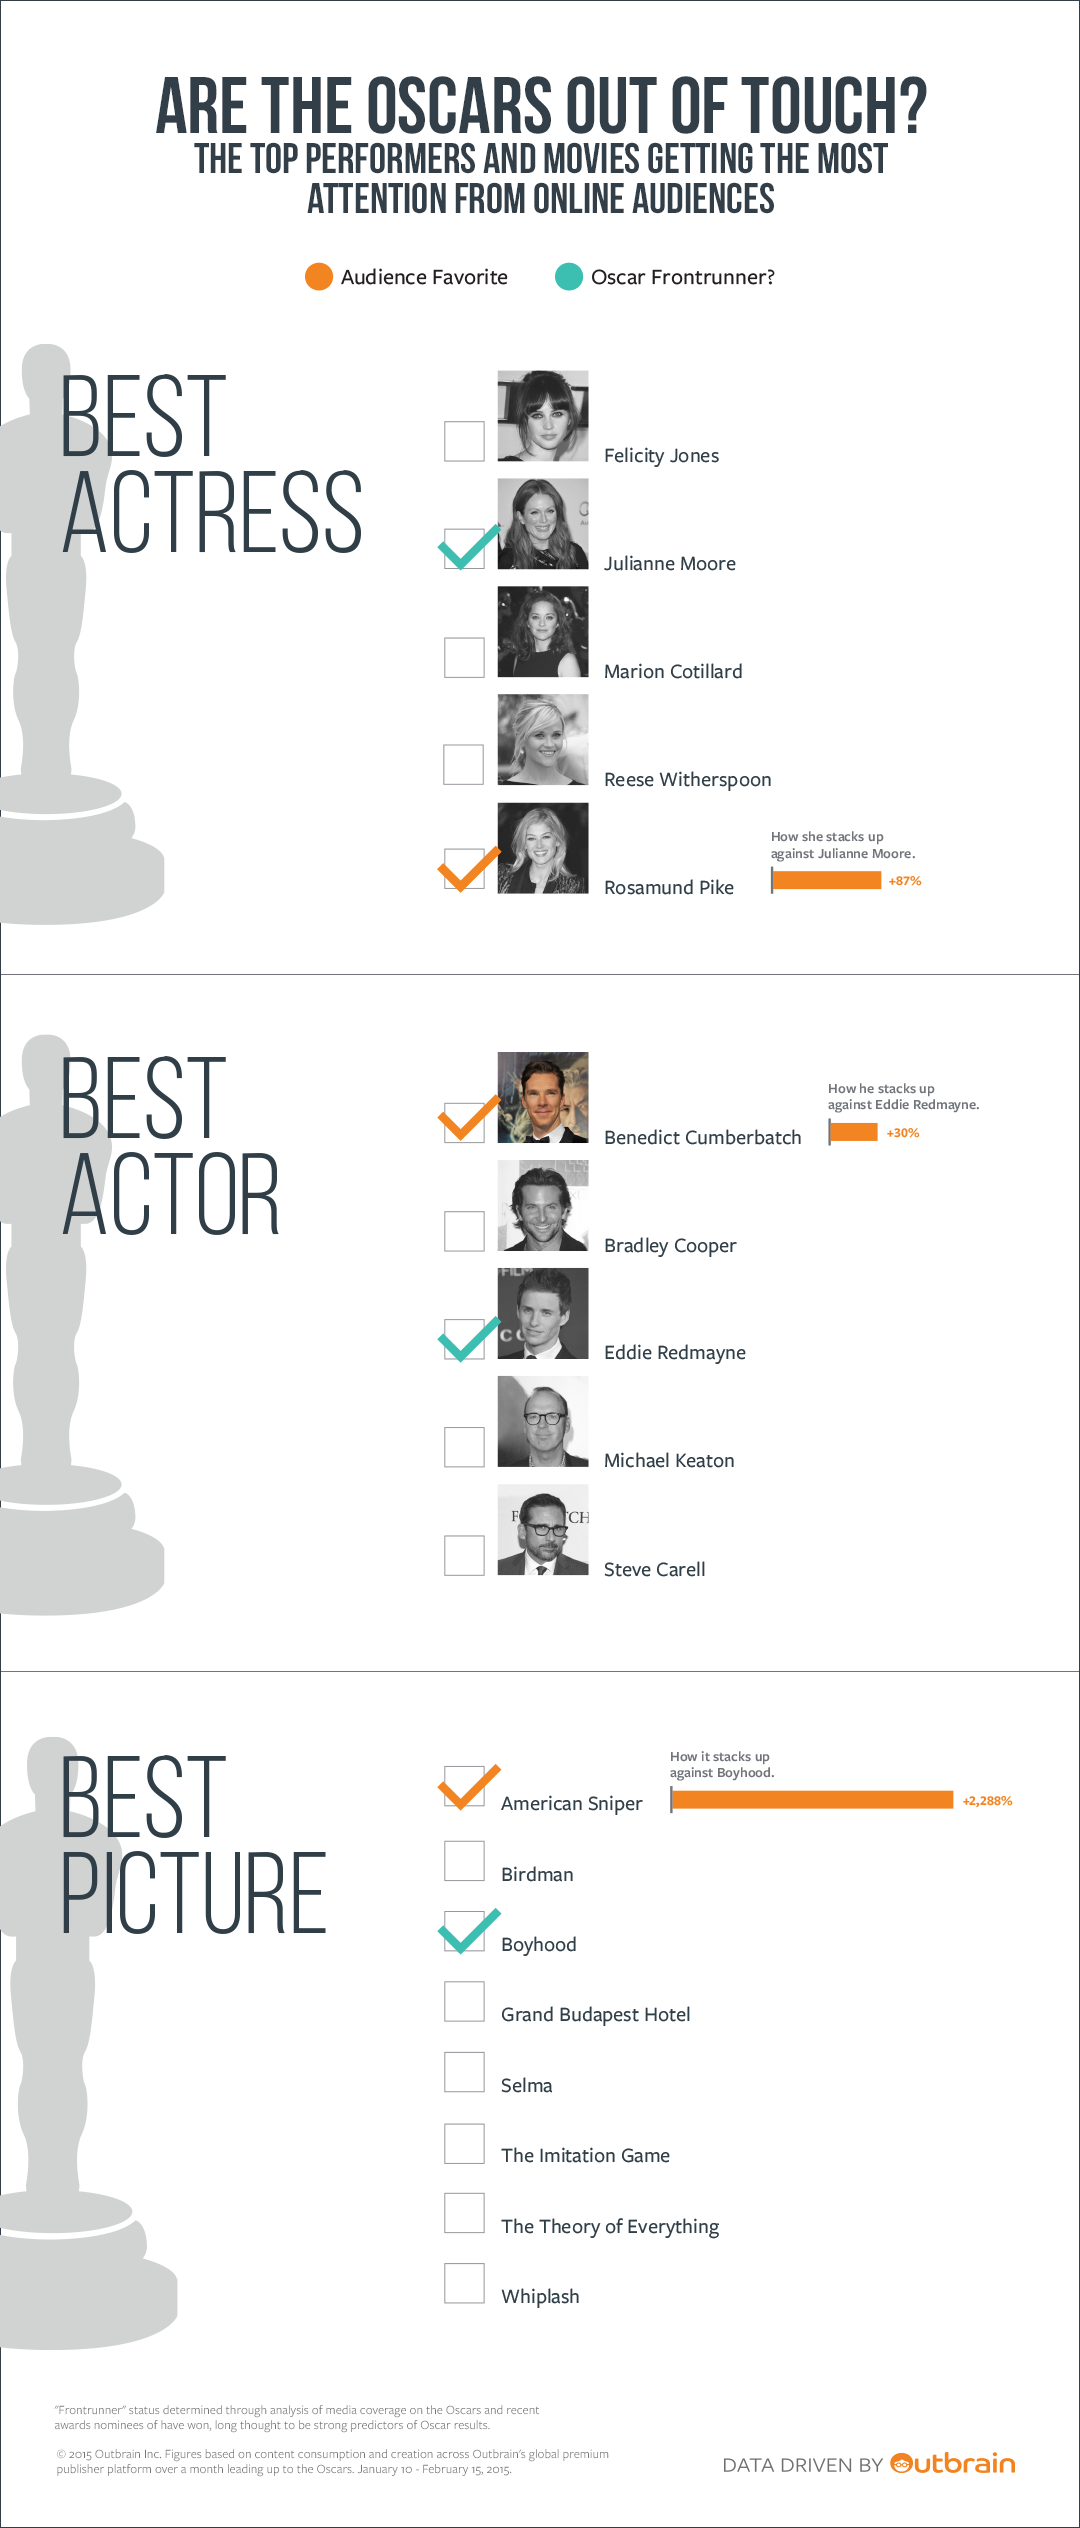 El Francotirador, ganador del Oscar a la mejor película, según Outbrain